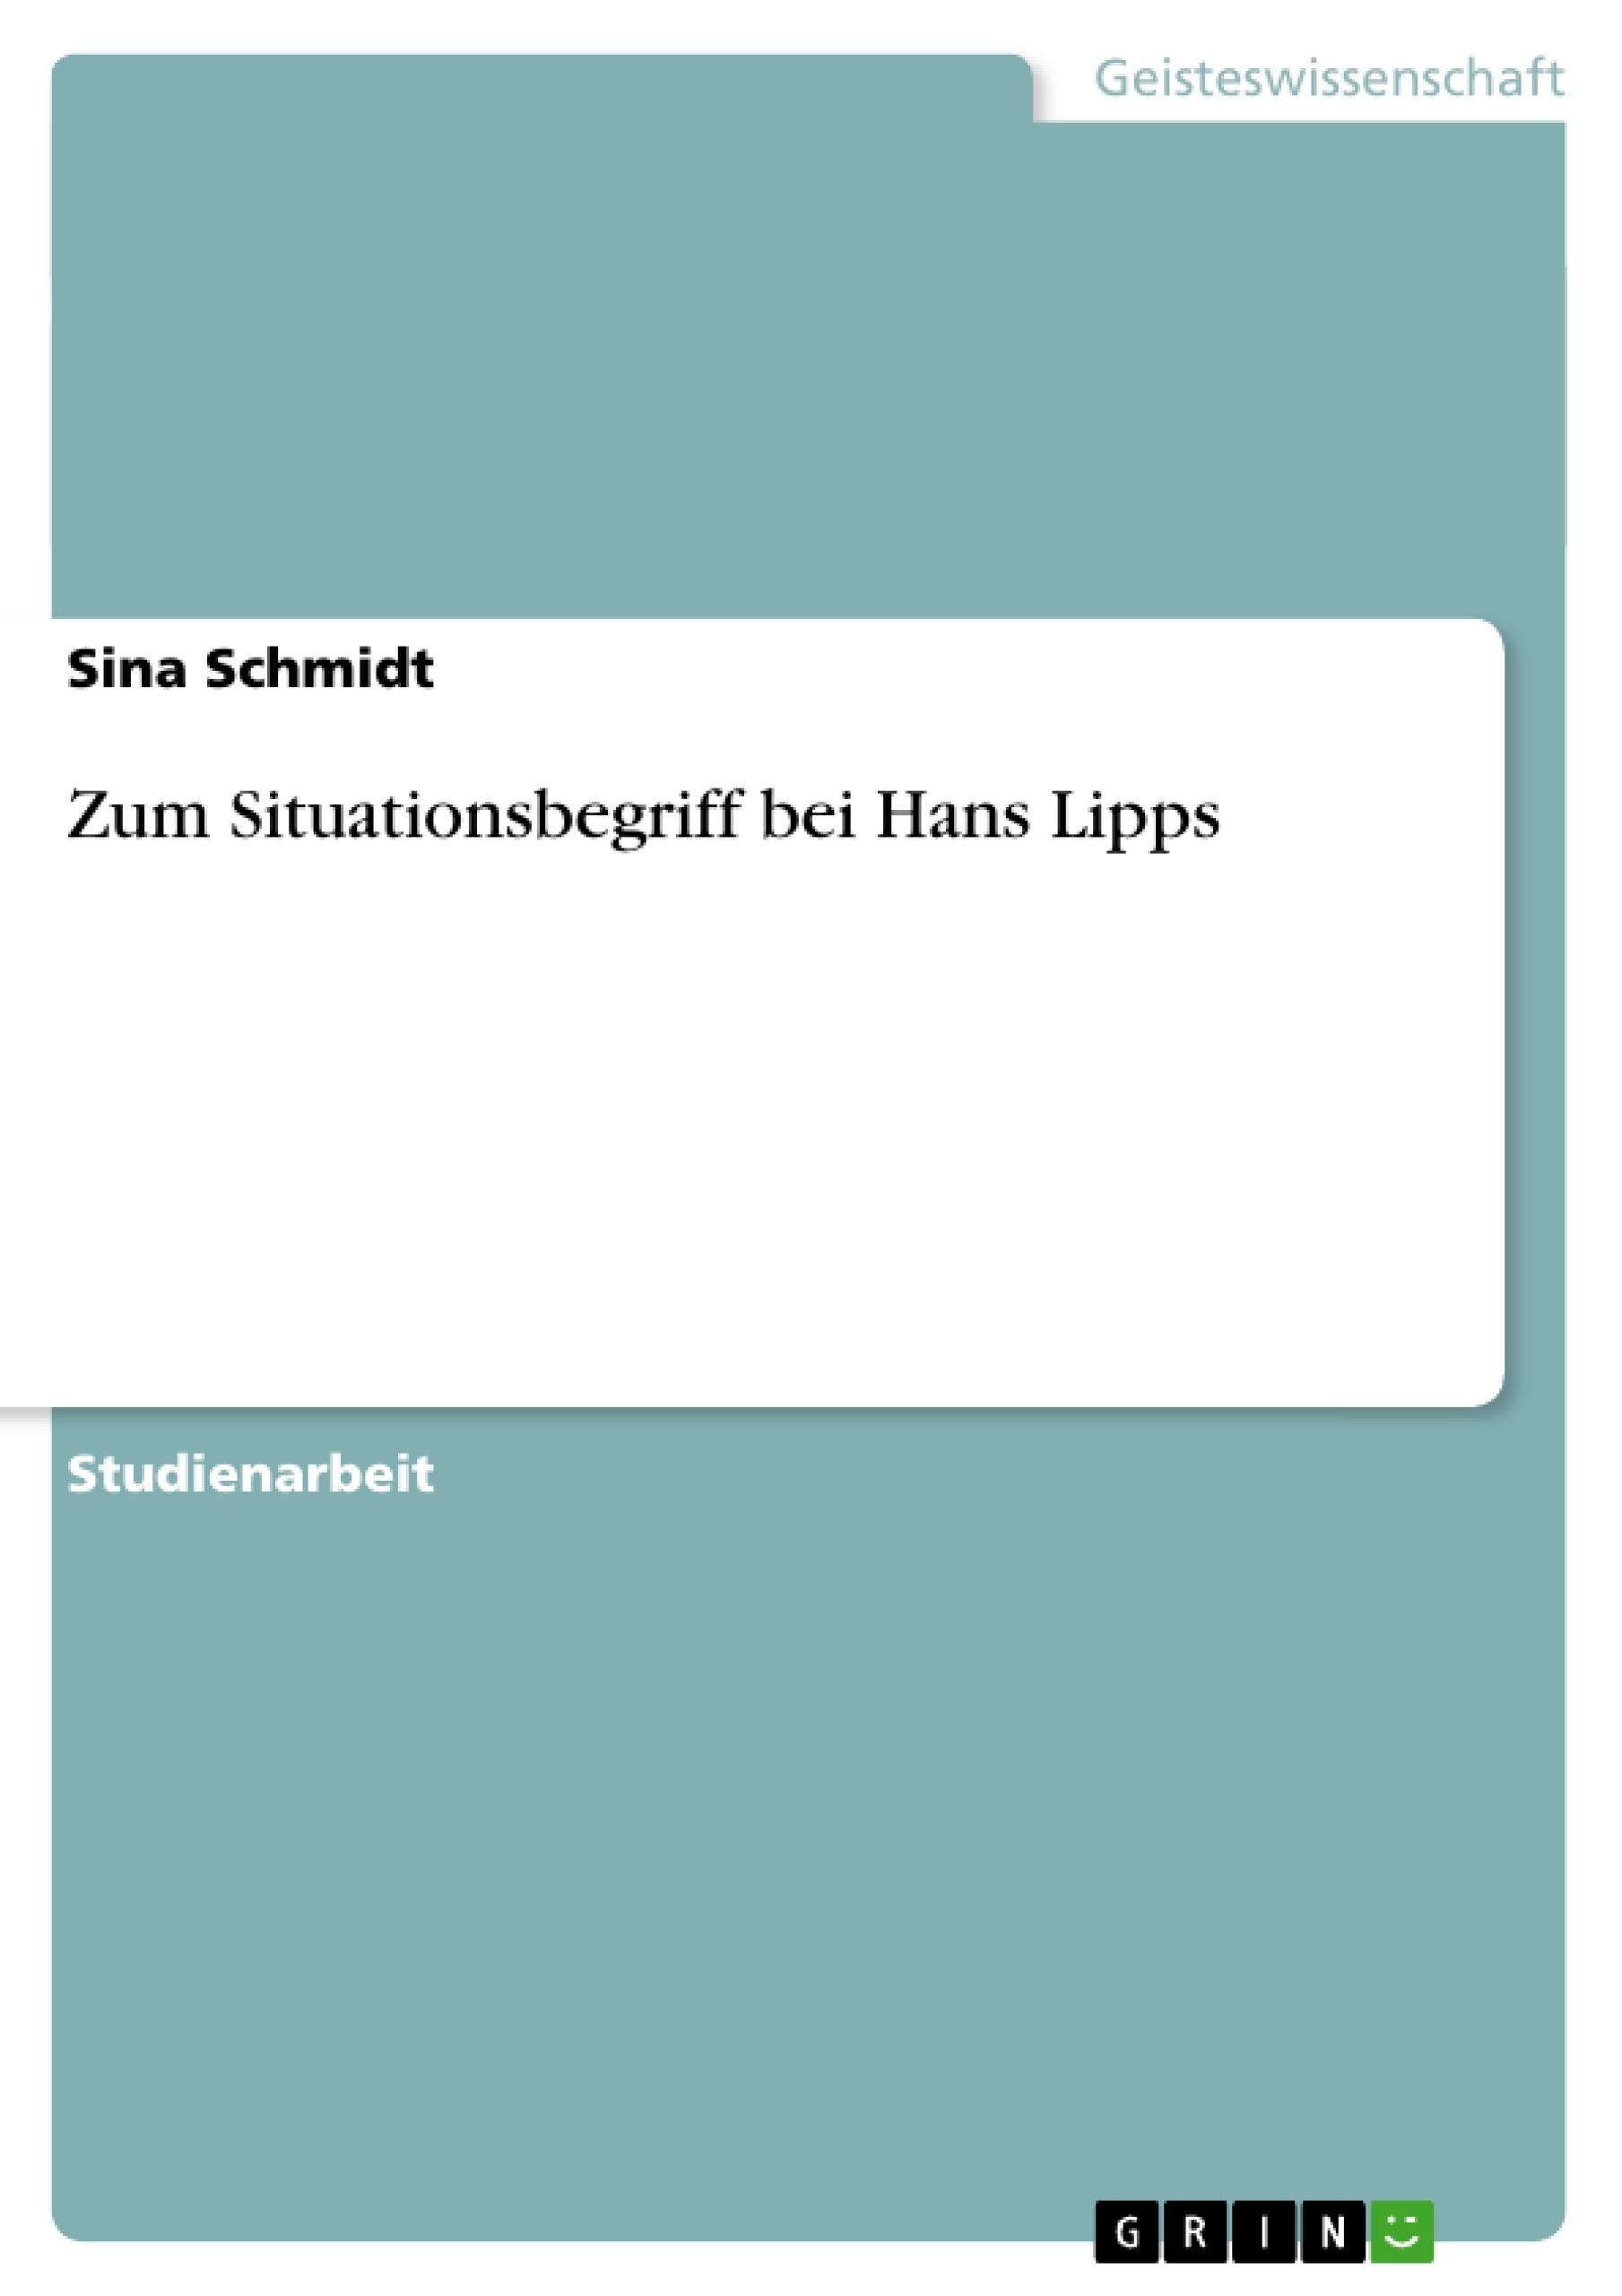 Titel: Zum Situationsbegriff bei Hans Lipps